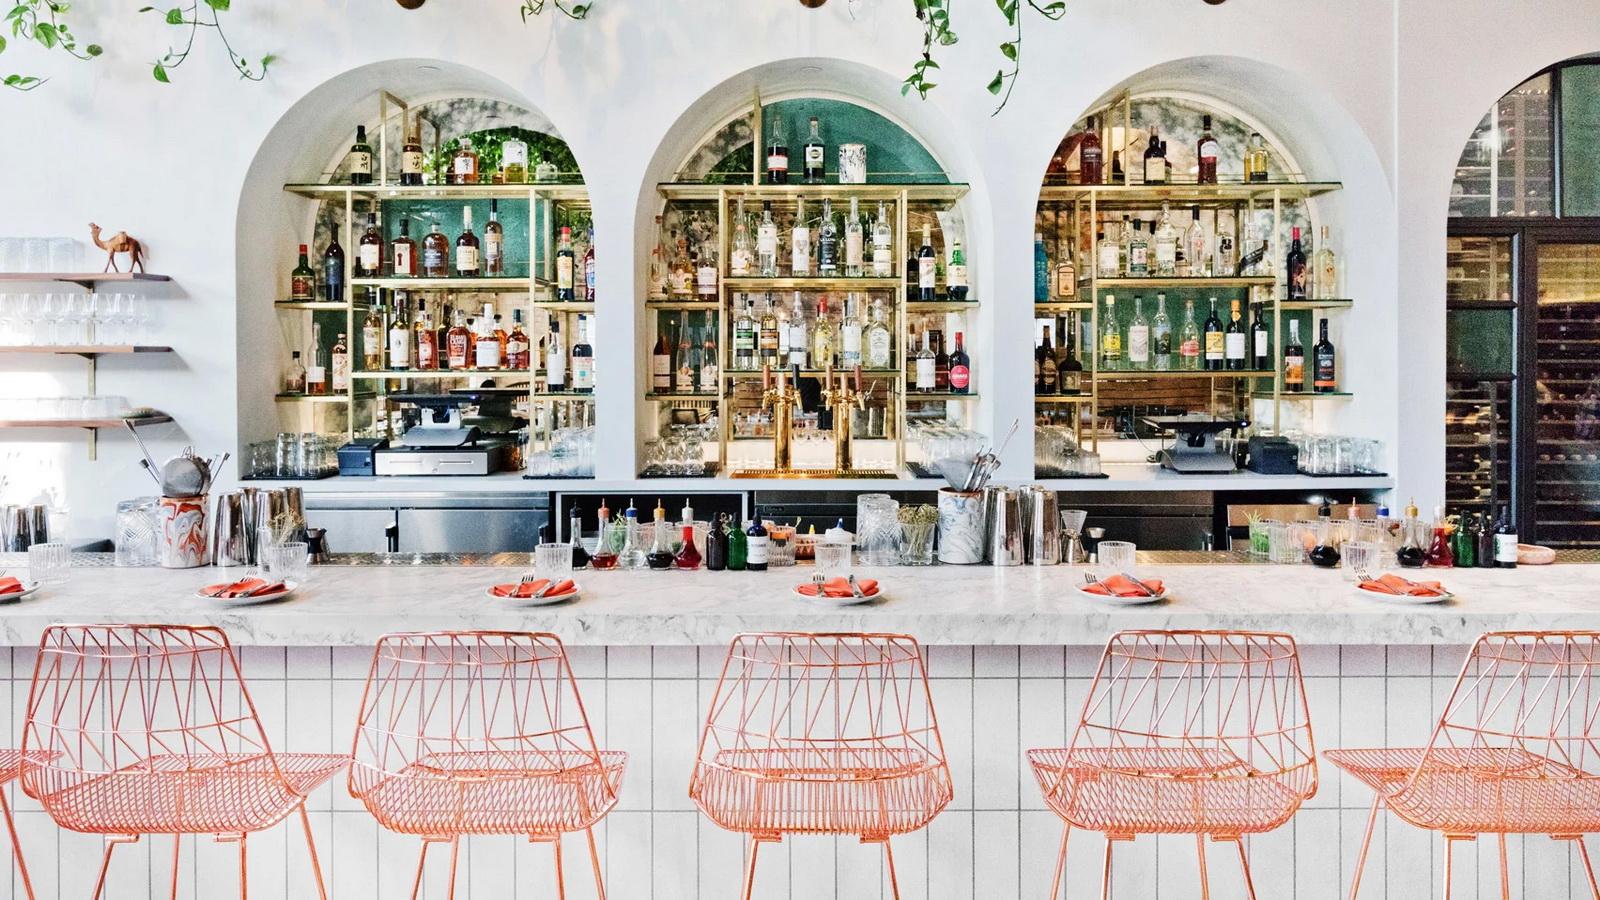 نگاهی کوتاه به 6 رستوران زیبا در امریکا